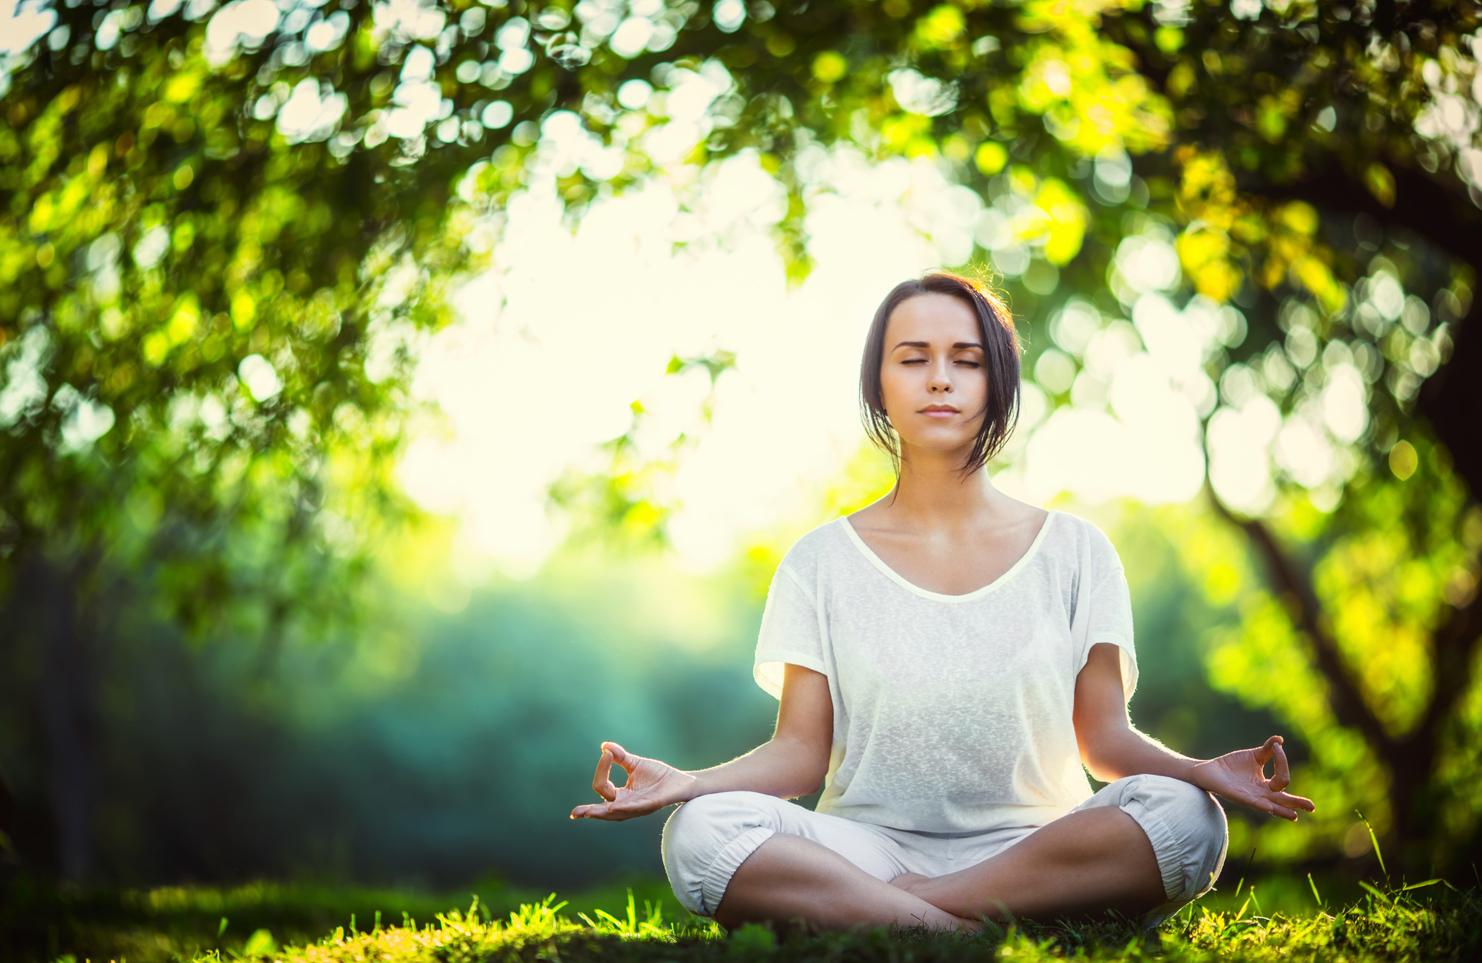 uống trà giảm cân có tác dụng giảm stress cũng là một cách gián tiếp để hạn chế tăng cân